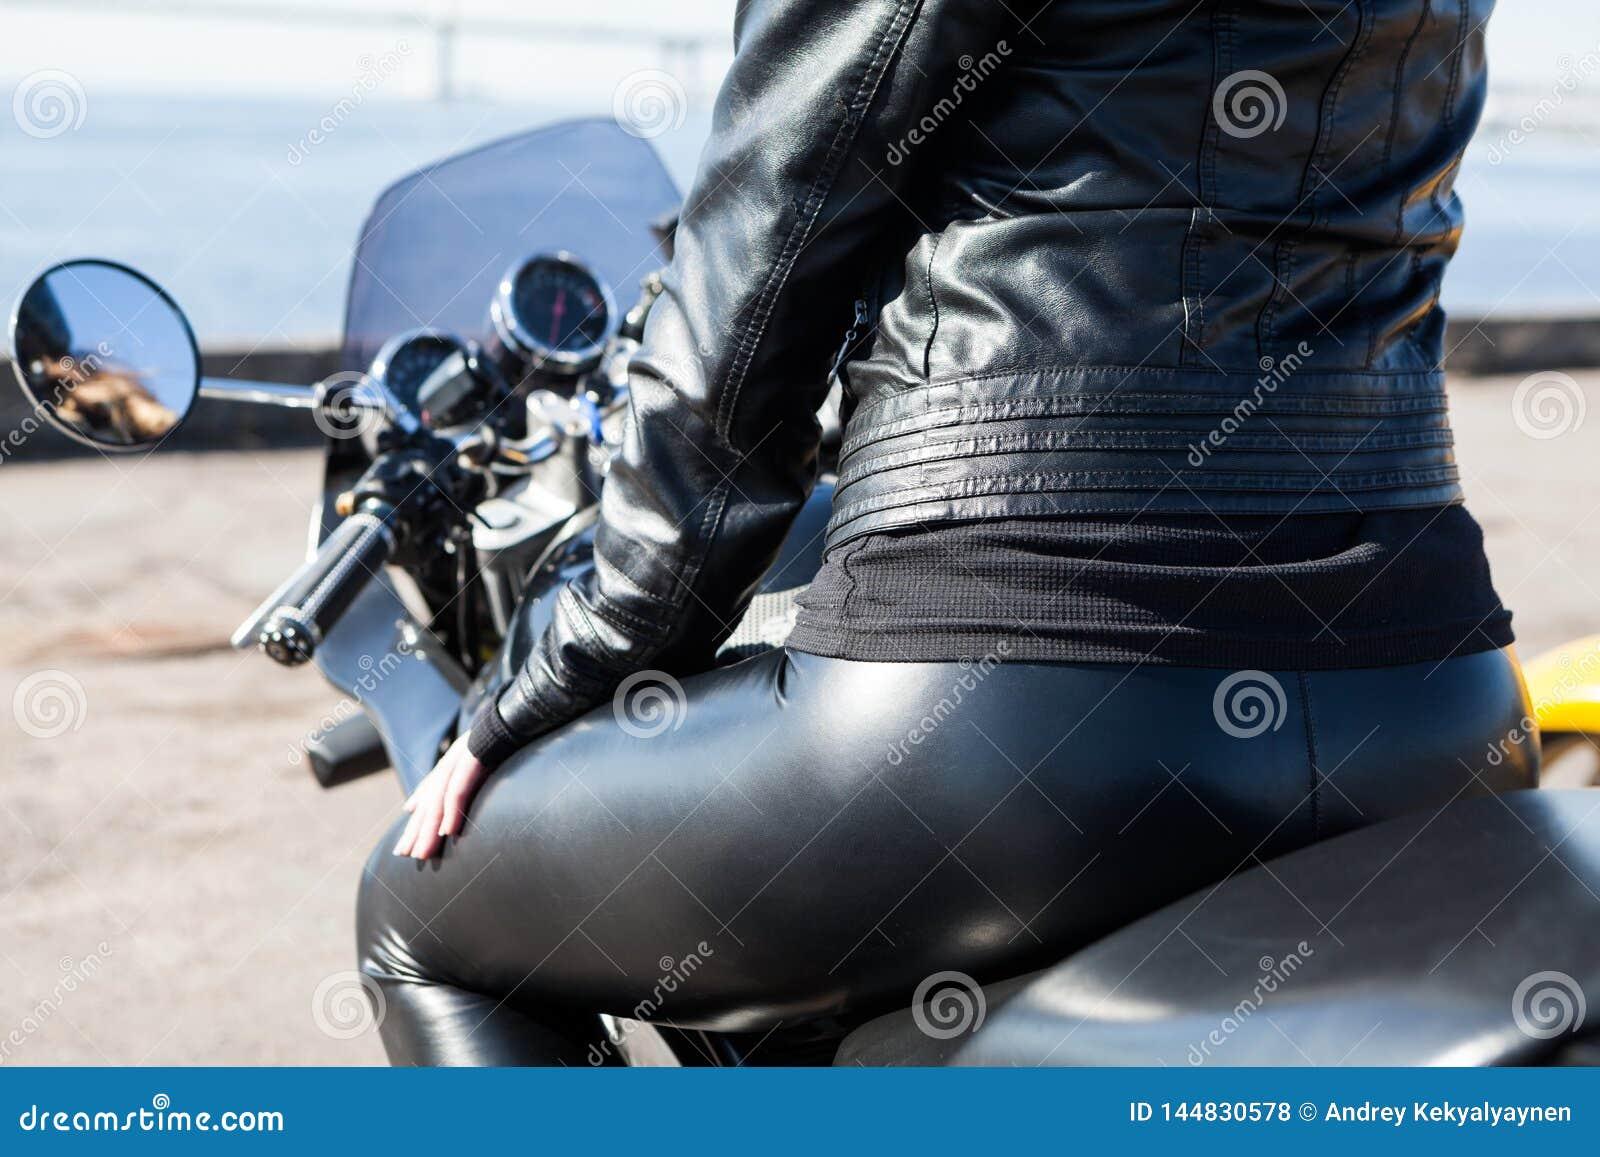 Hot rear view ass